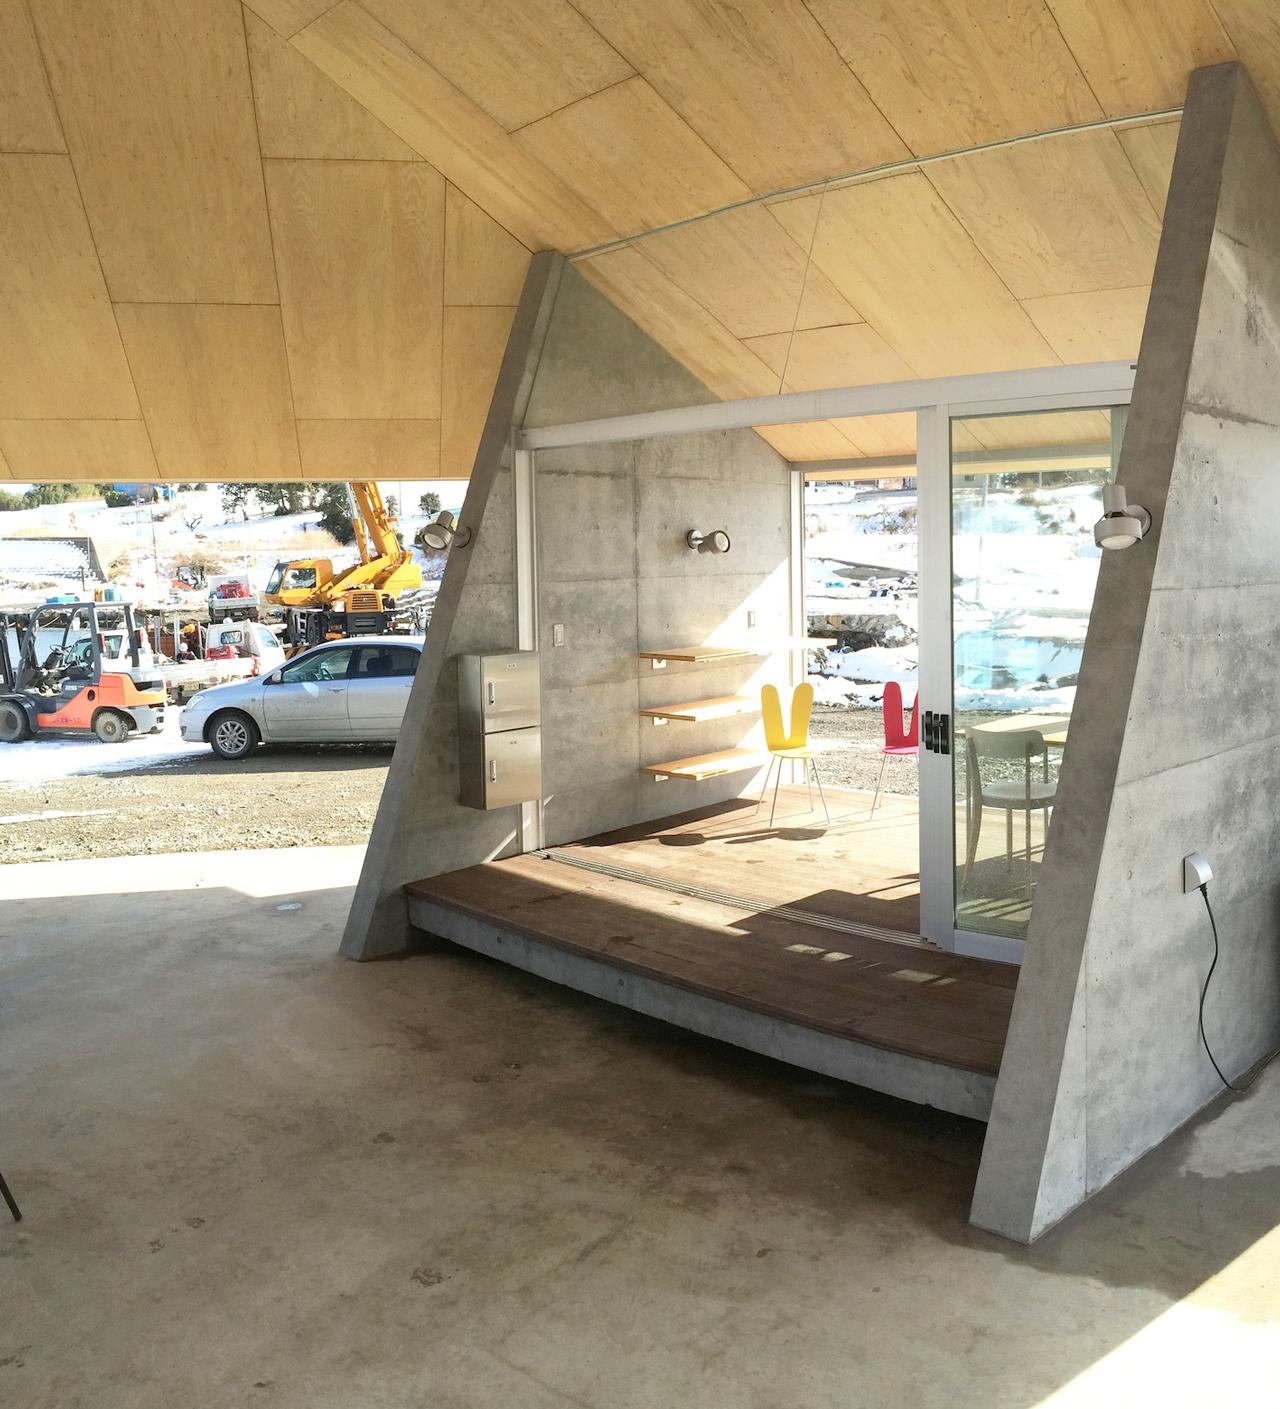 天気の良い日には建具を開けて外と連続して開放的に使えるようになっている.jpg